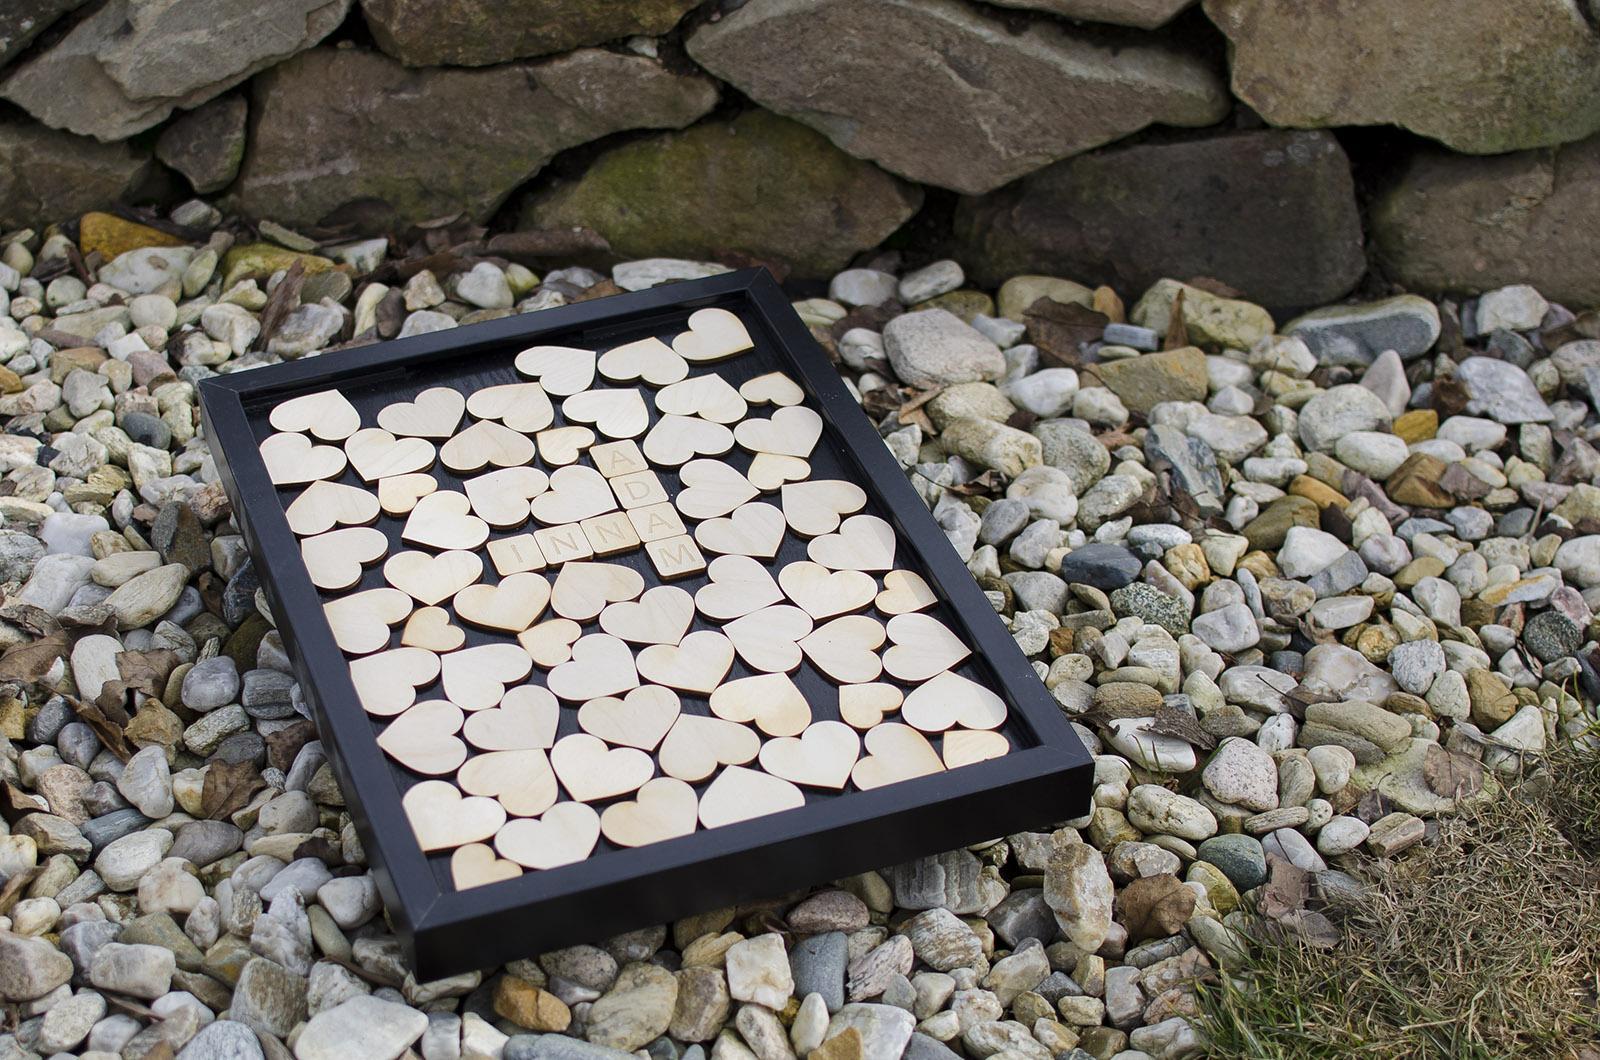 Svatební rám srabble - černý rám - Obrázek č. 1